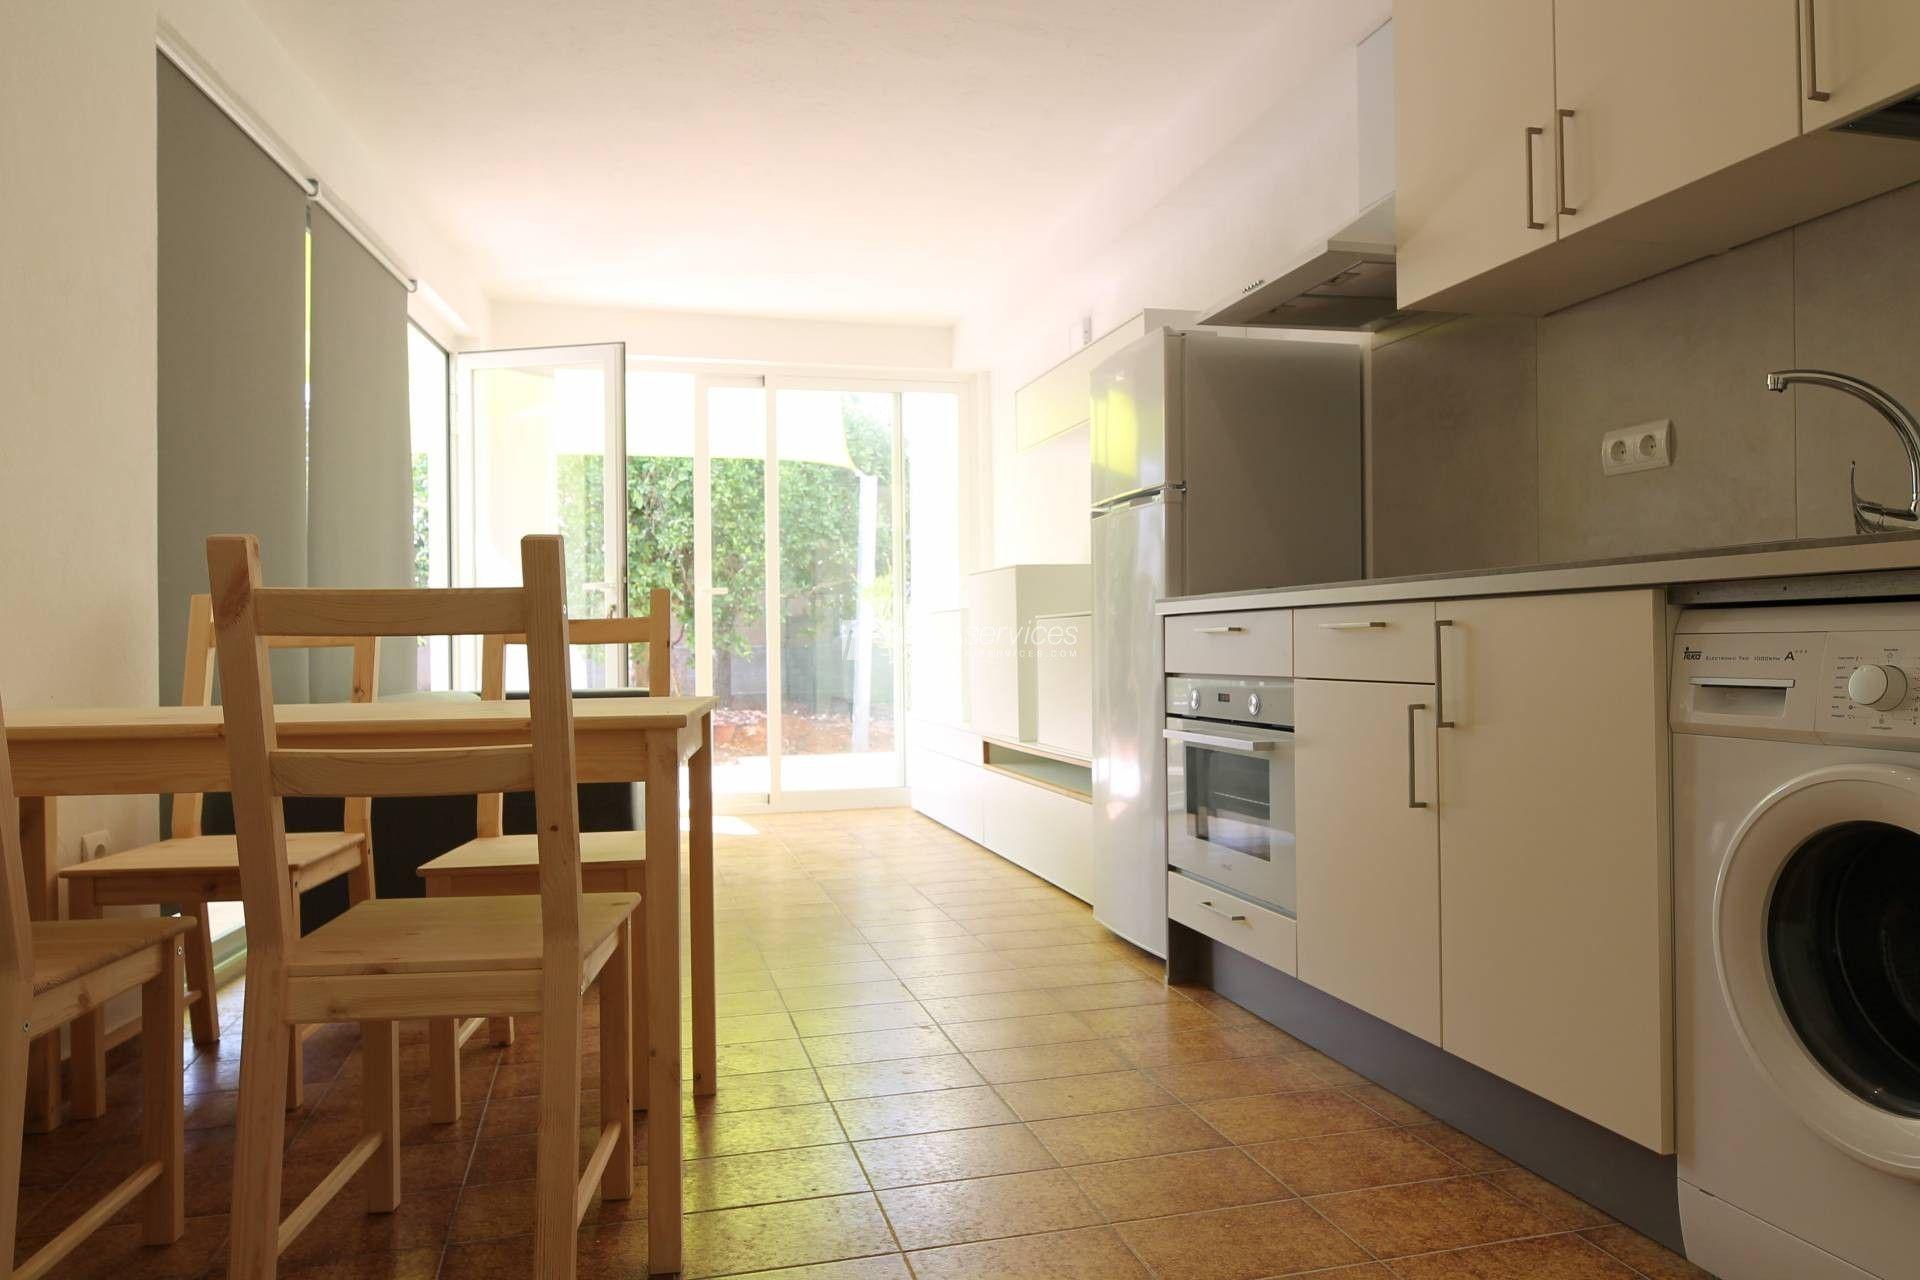 Alquiler Anual Casa Ibiza 2 Habitaciones Salon Con Cocina Americana Casas Apartamentos